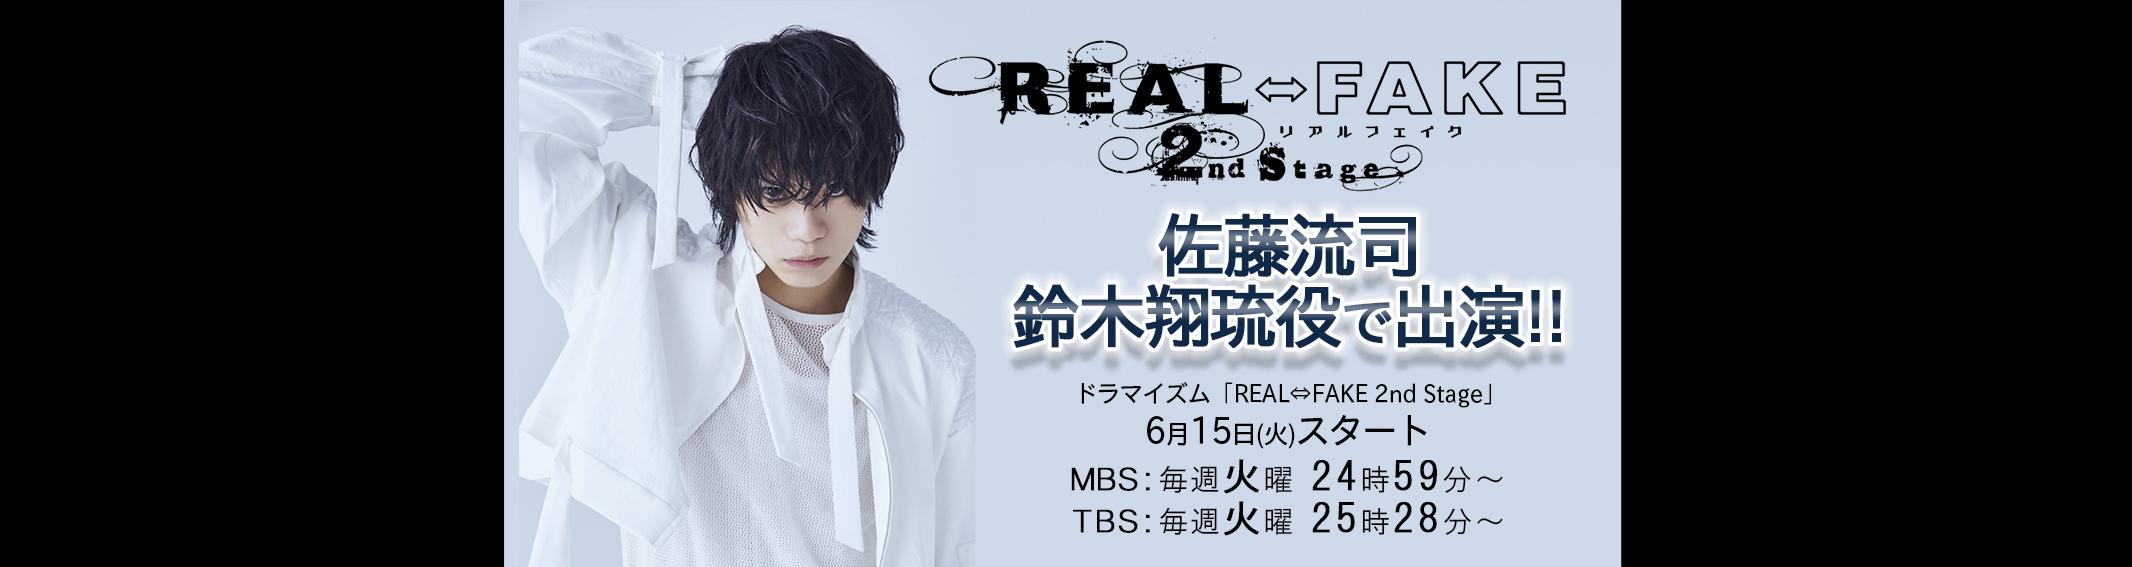 【出演情報】ドラマ『REAL⇔FAKE 2nd Stage』放送決定のお知らせ